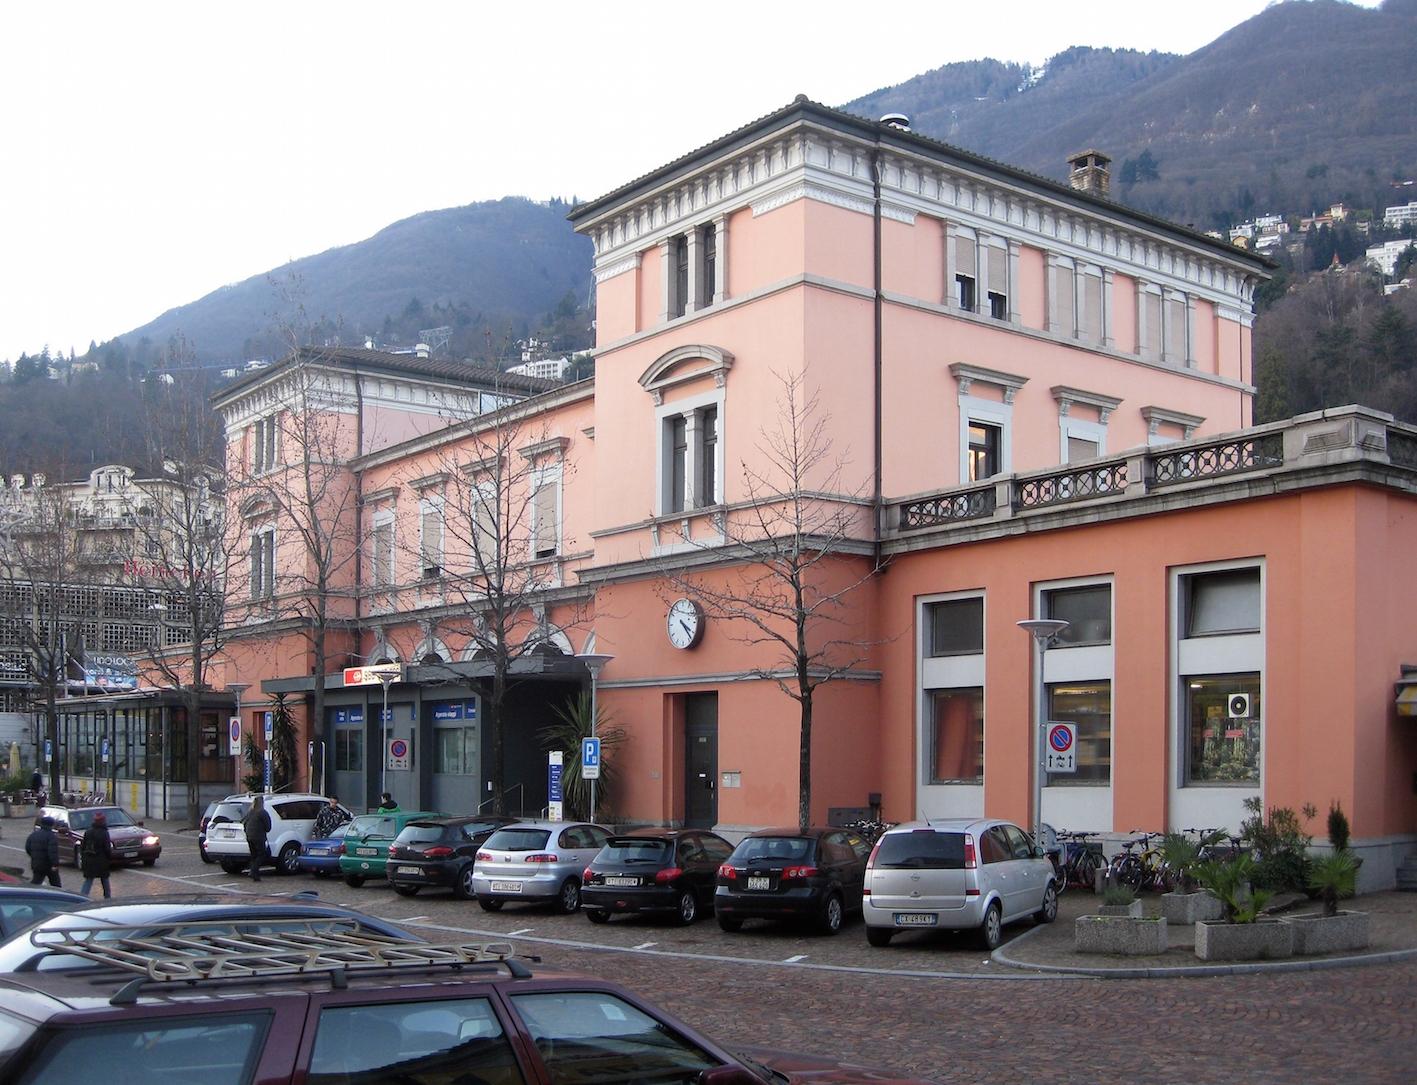 """""""Empfangsgebaeude Bahnhof Locarno CH 20110101"""" von Sir James - Eigenes Werk. Lizenziert unter CC BY-SA 3.0 über Wikimedia Commons - http://commons.wikimedia.org/wiki/File:Empfangsgebaeude_Bahnhof_Locarno_CH_20110101.jpg#/media/File:Empfangsgebaeude_Bahnhof_Locarno_CH_20110101.jpg"""